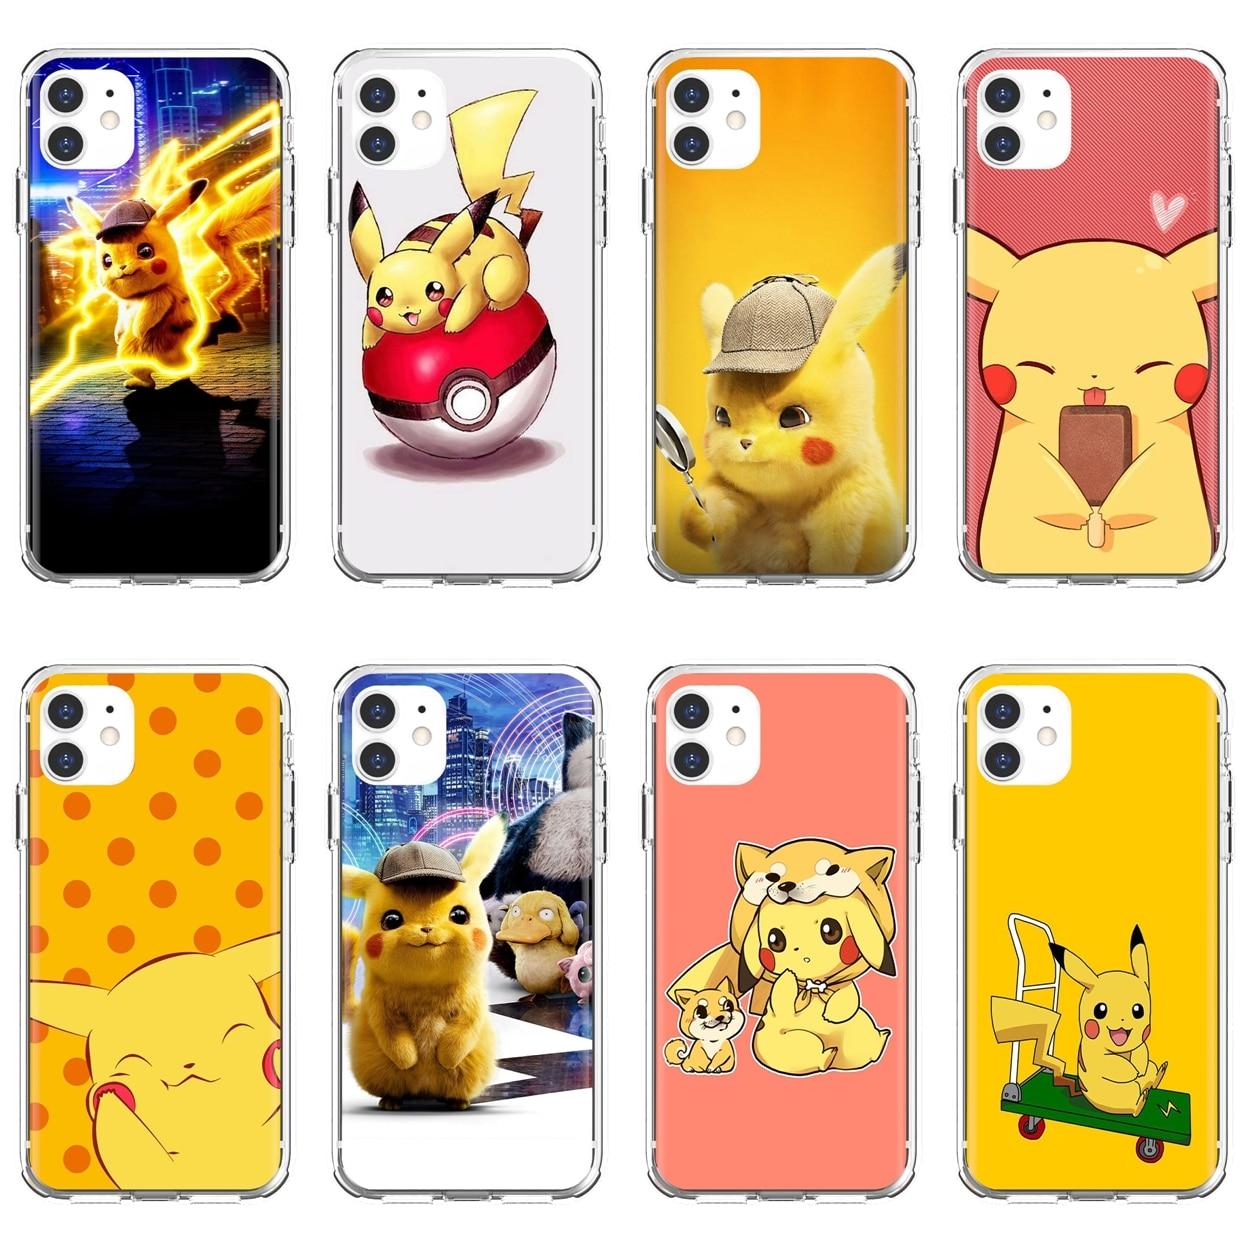 Pikachu For Xiaomi Redmi 2 S2 3 3S 4 4A 5 5A 5 6 6A 7A 9 9T 9C 9A Pro Pocophone F1 Phone Case